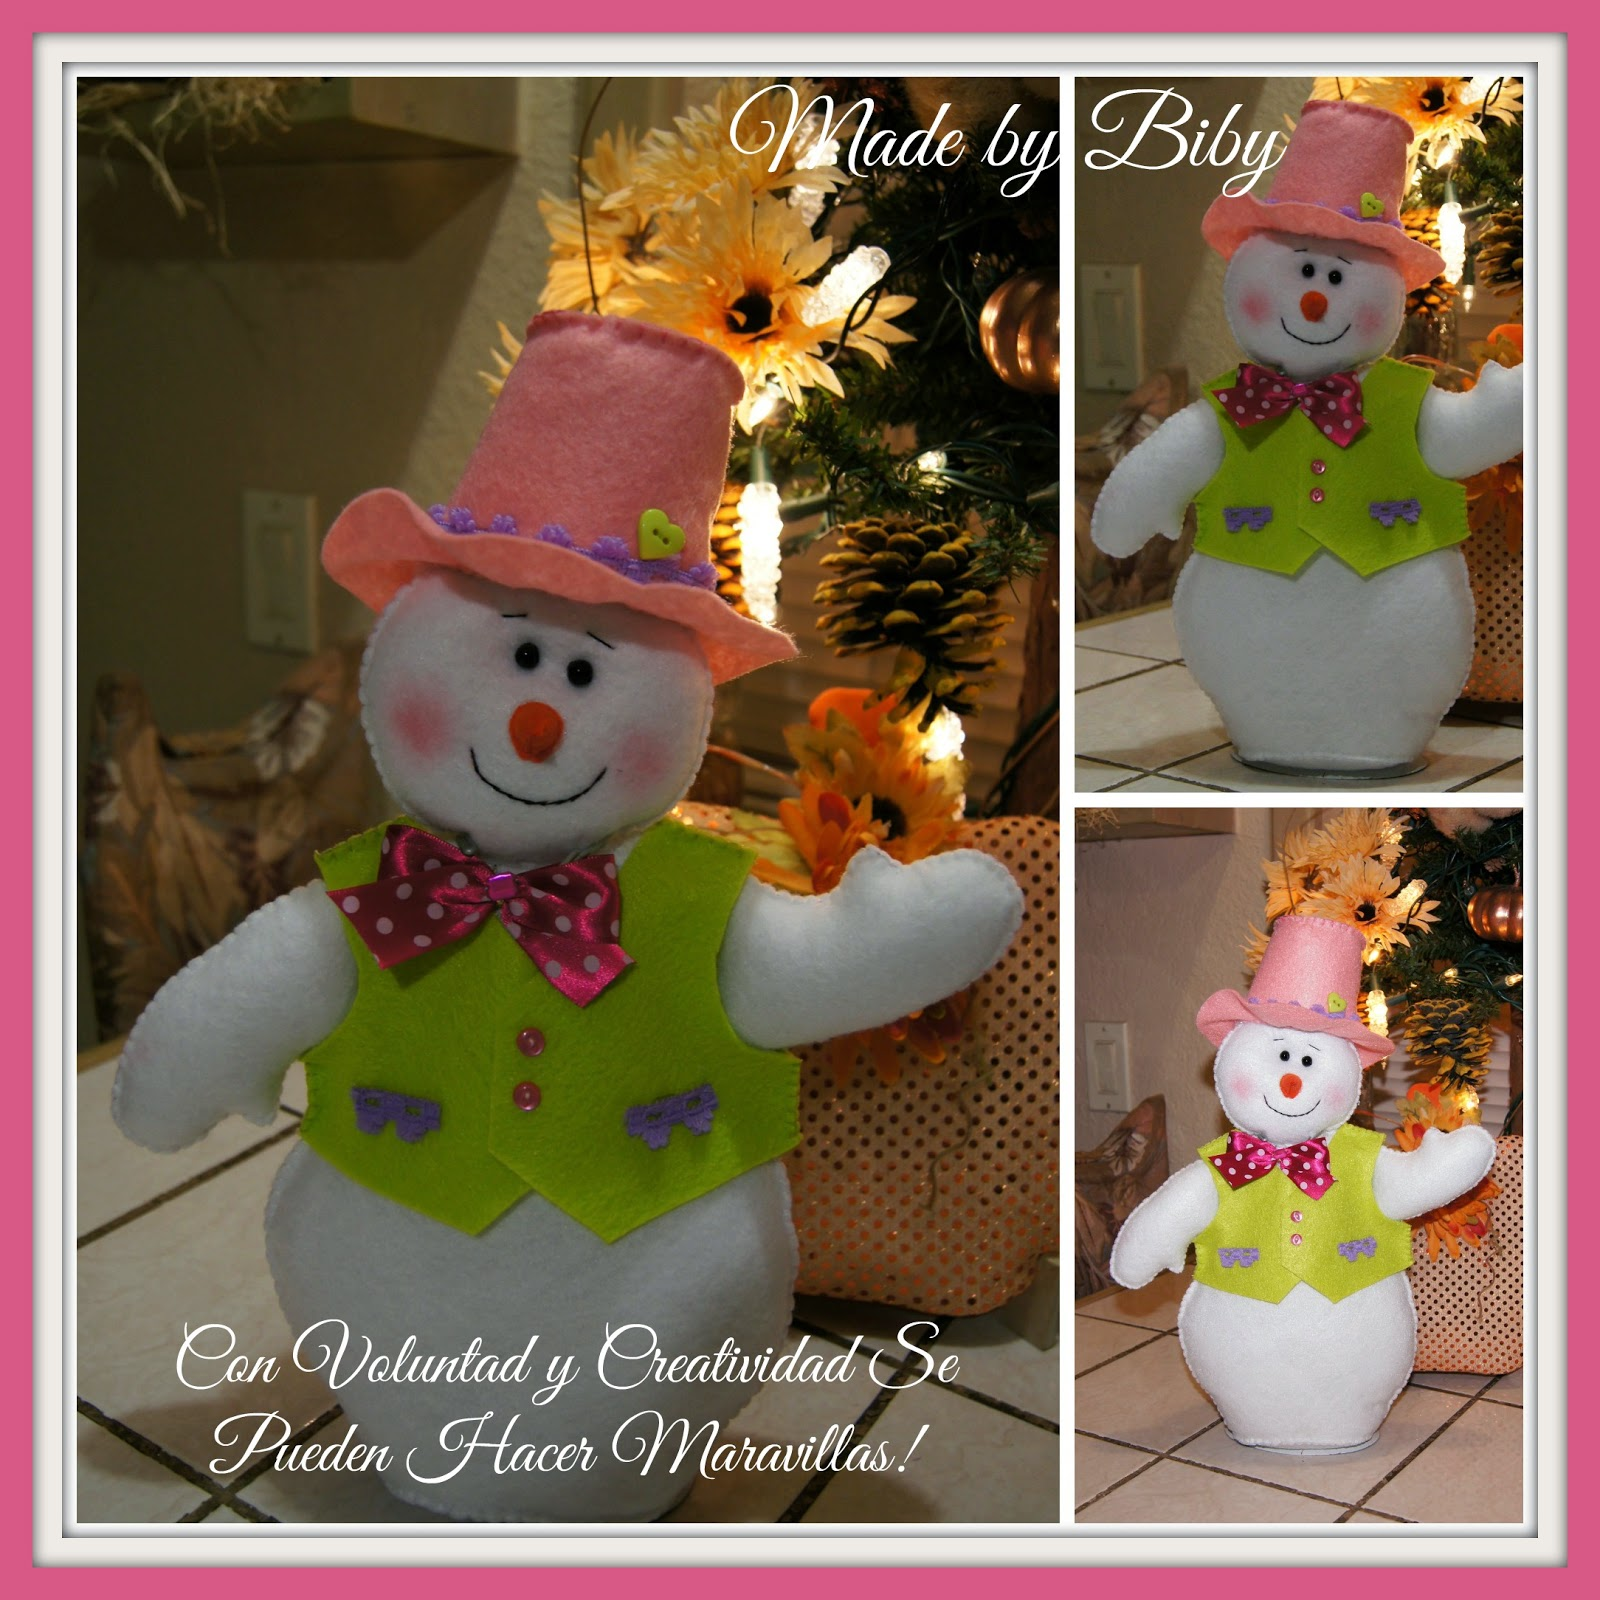 Imagenes de navidad para hacer en fieltro - Figuras de fieltro para navidad ...